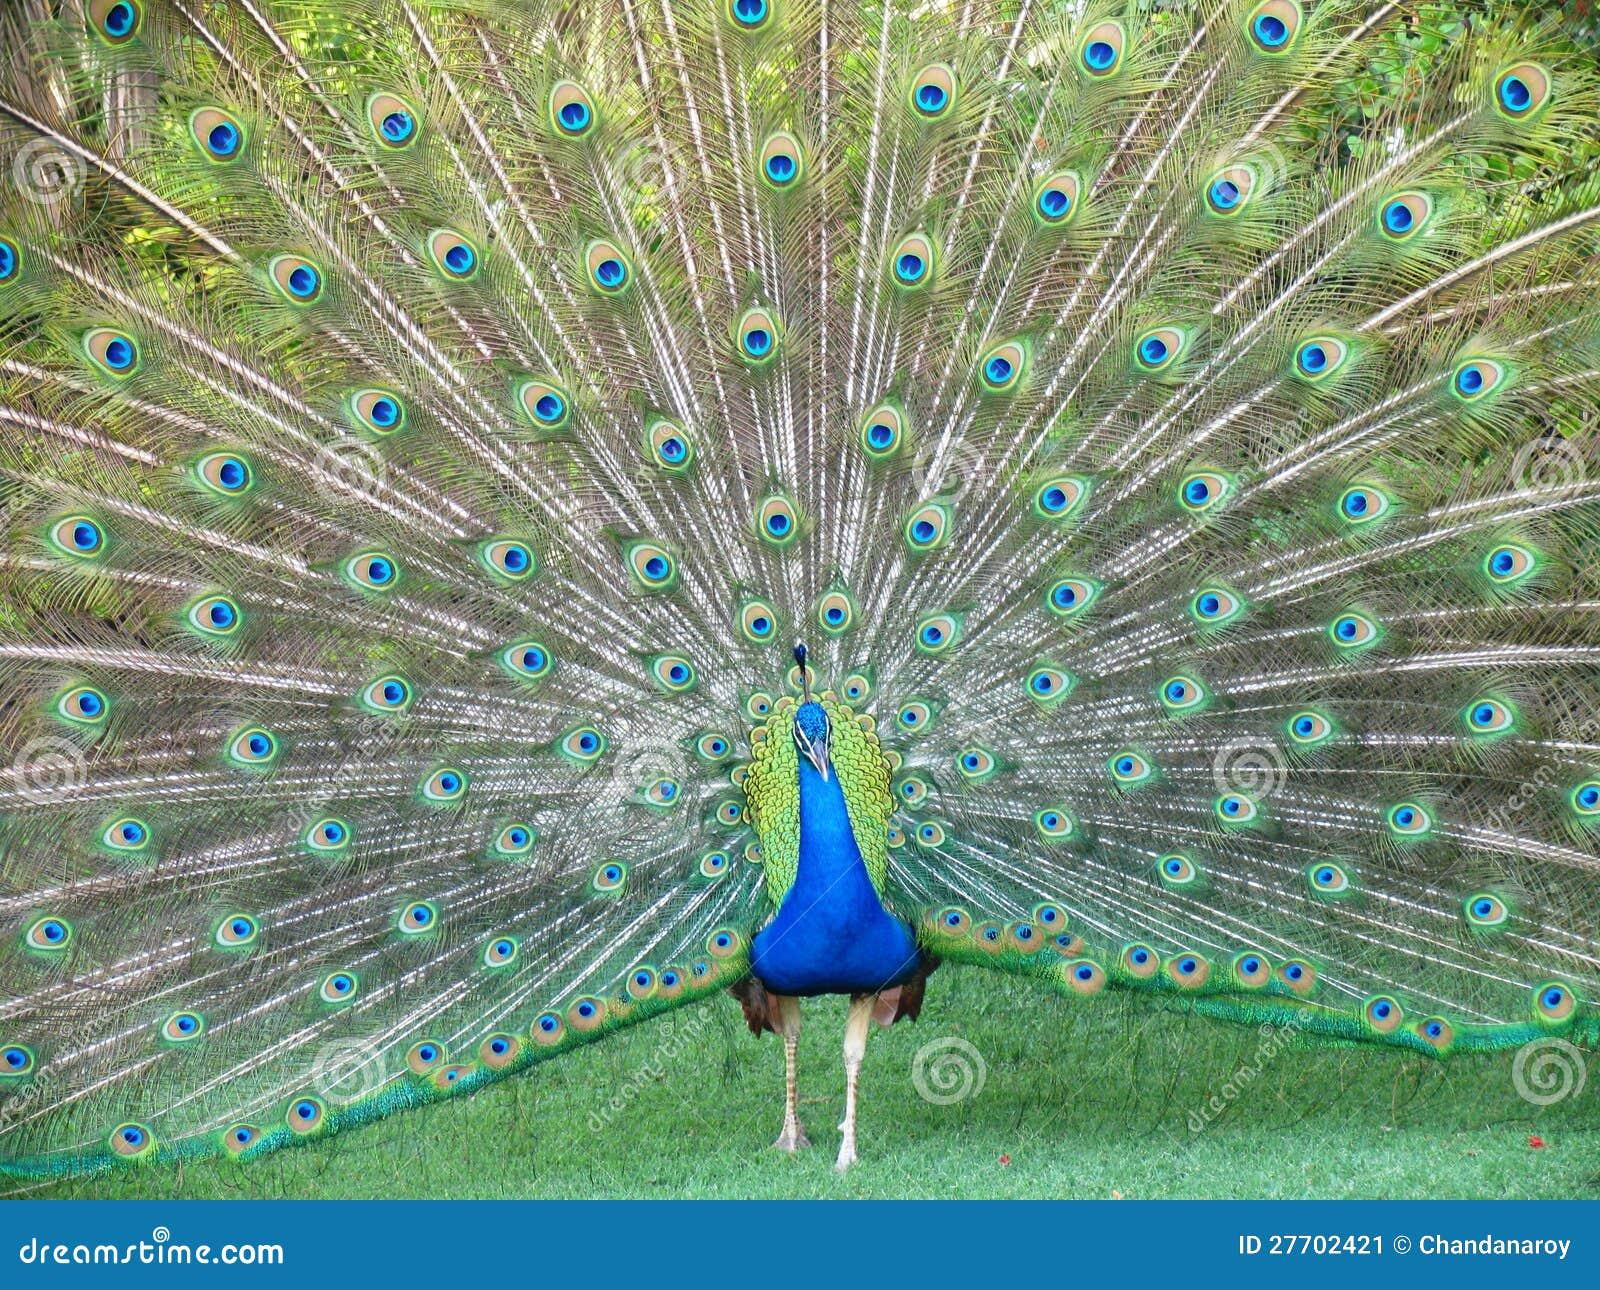 Pavo real del baile imagen de archivo imagen de verde - Fotos de un pavo real ...